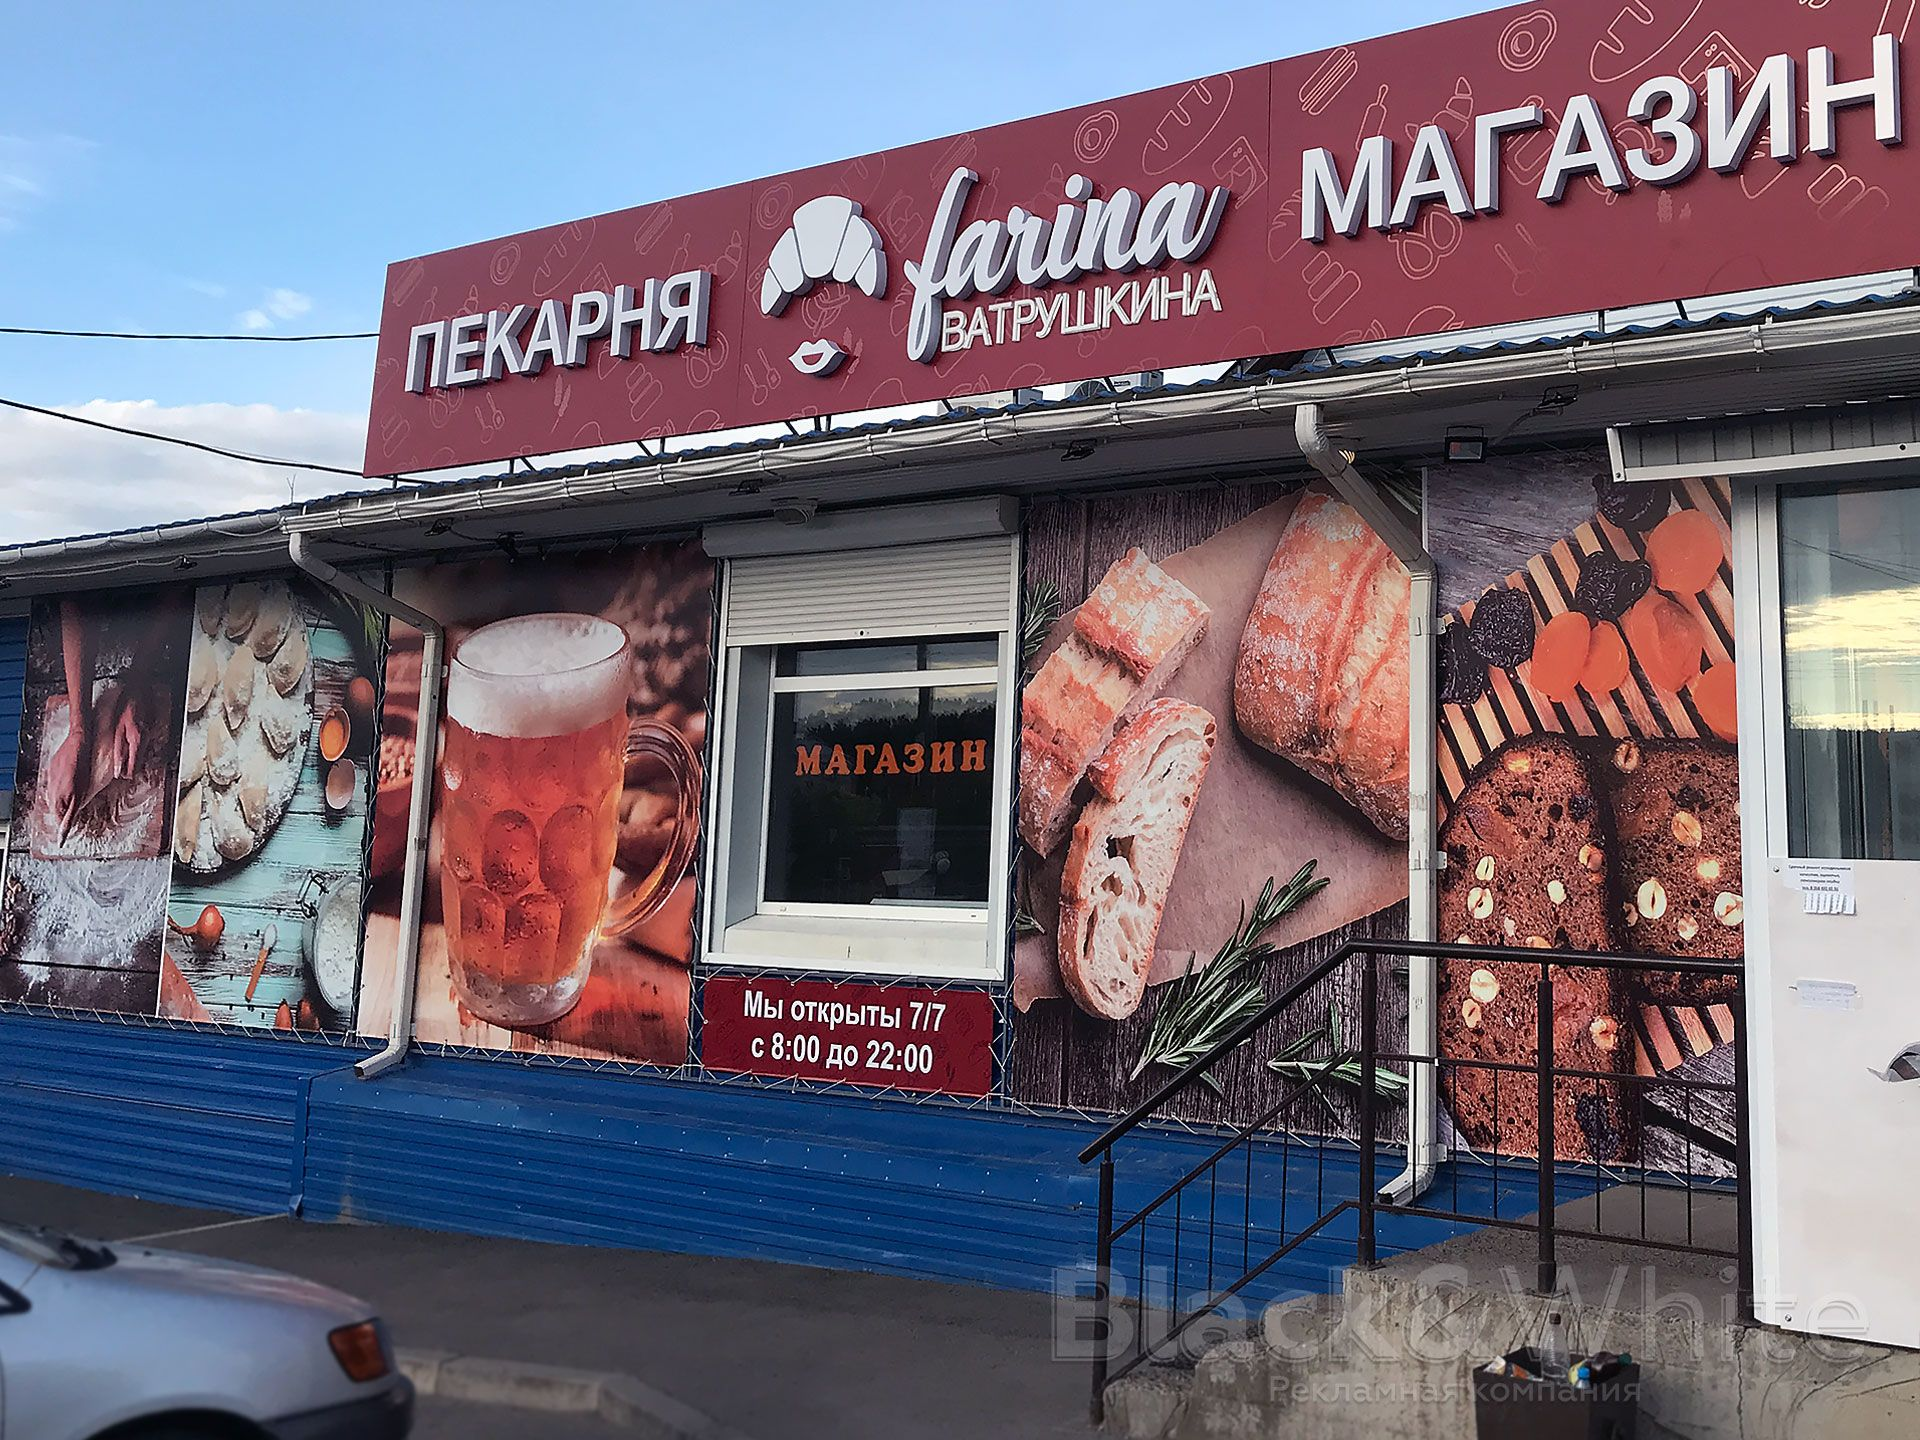 Печать-на-баннере-в-Красноярске....jpg